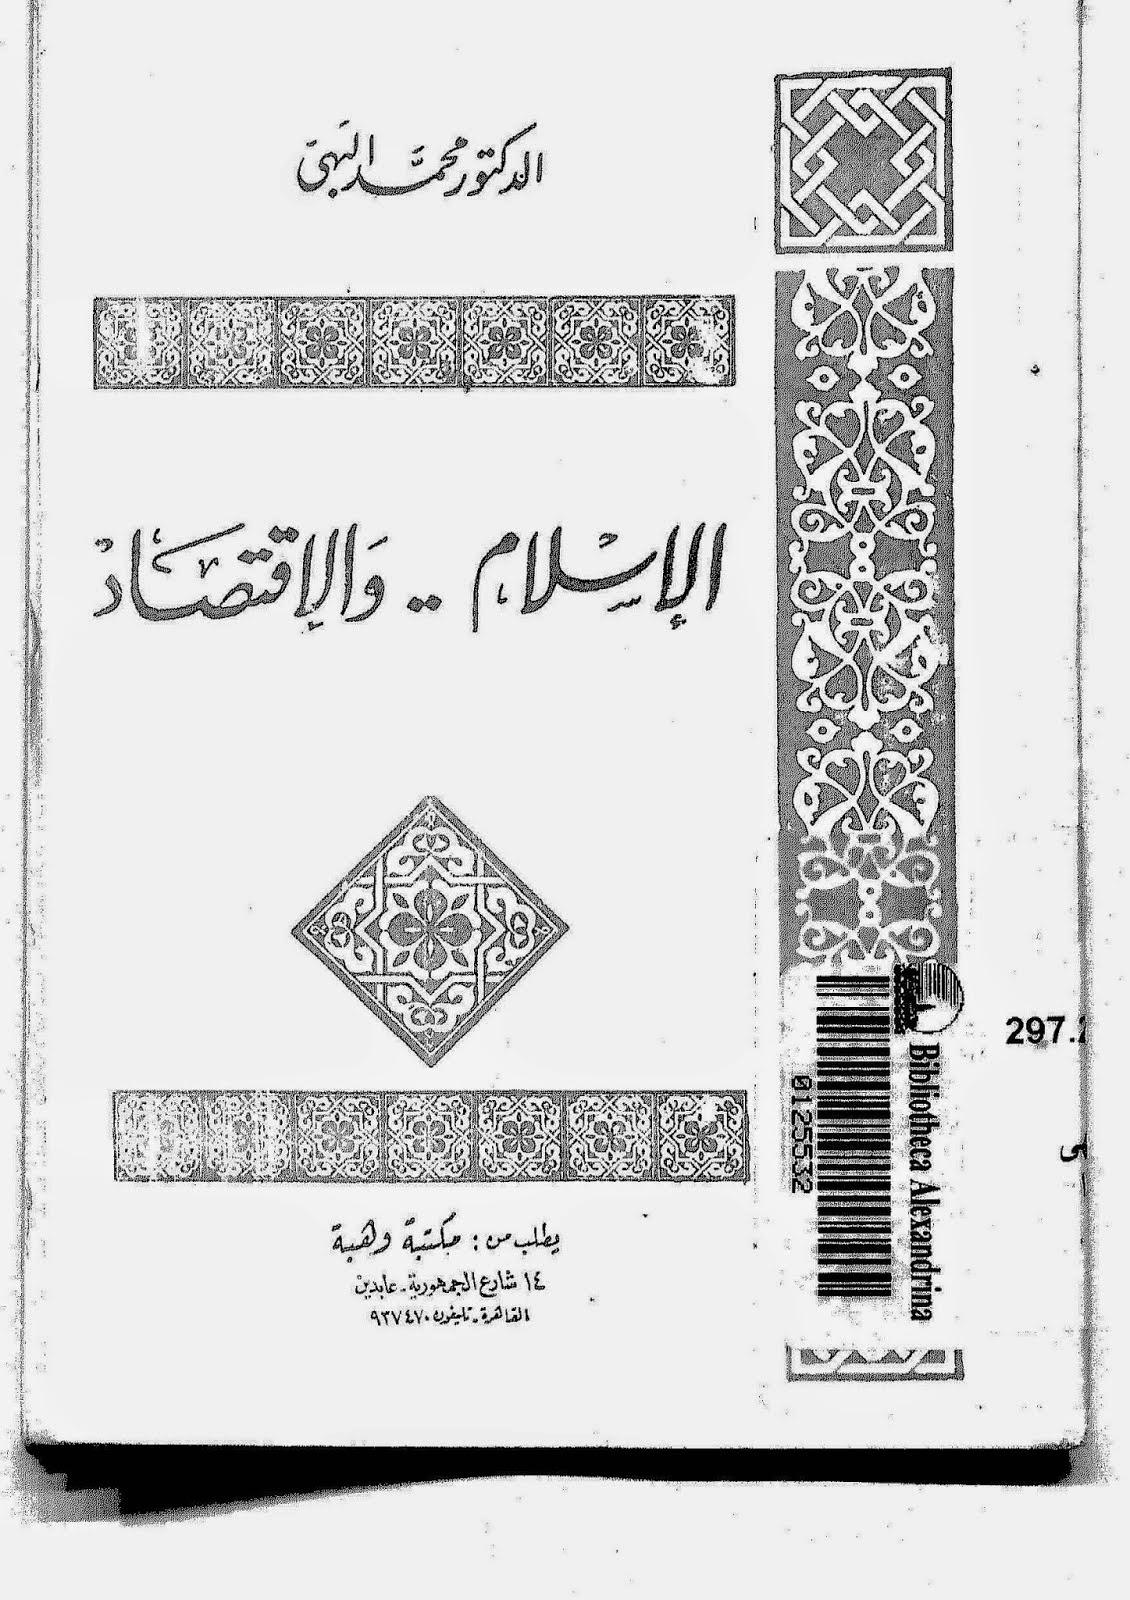 كتاب الإسلام والإقتصاد - محمد البهتي